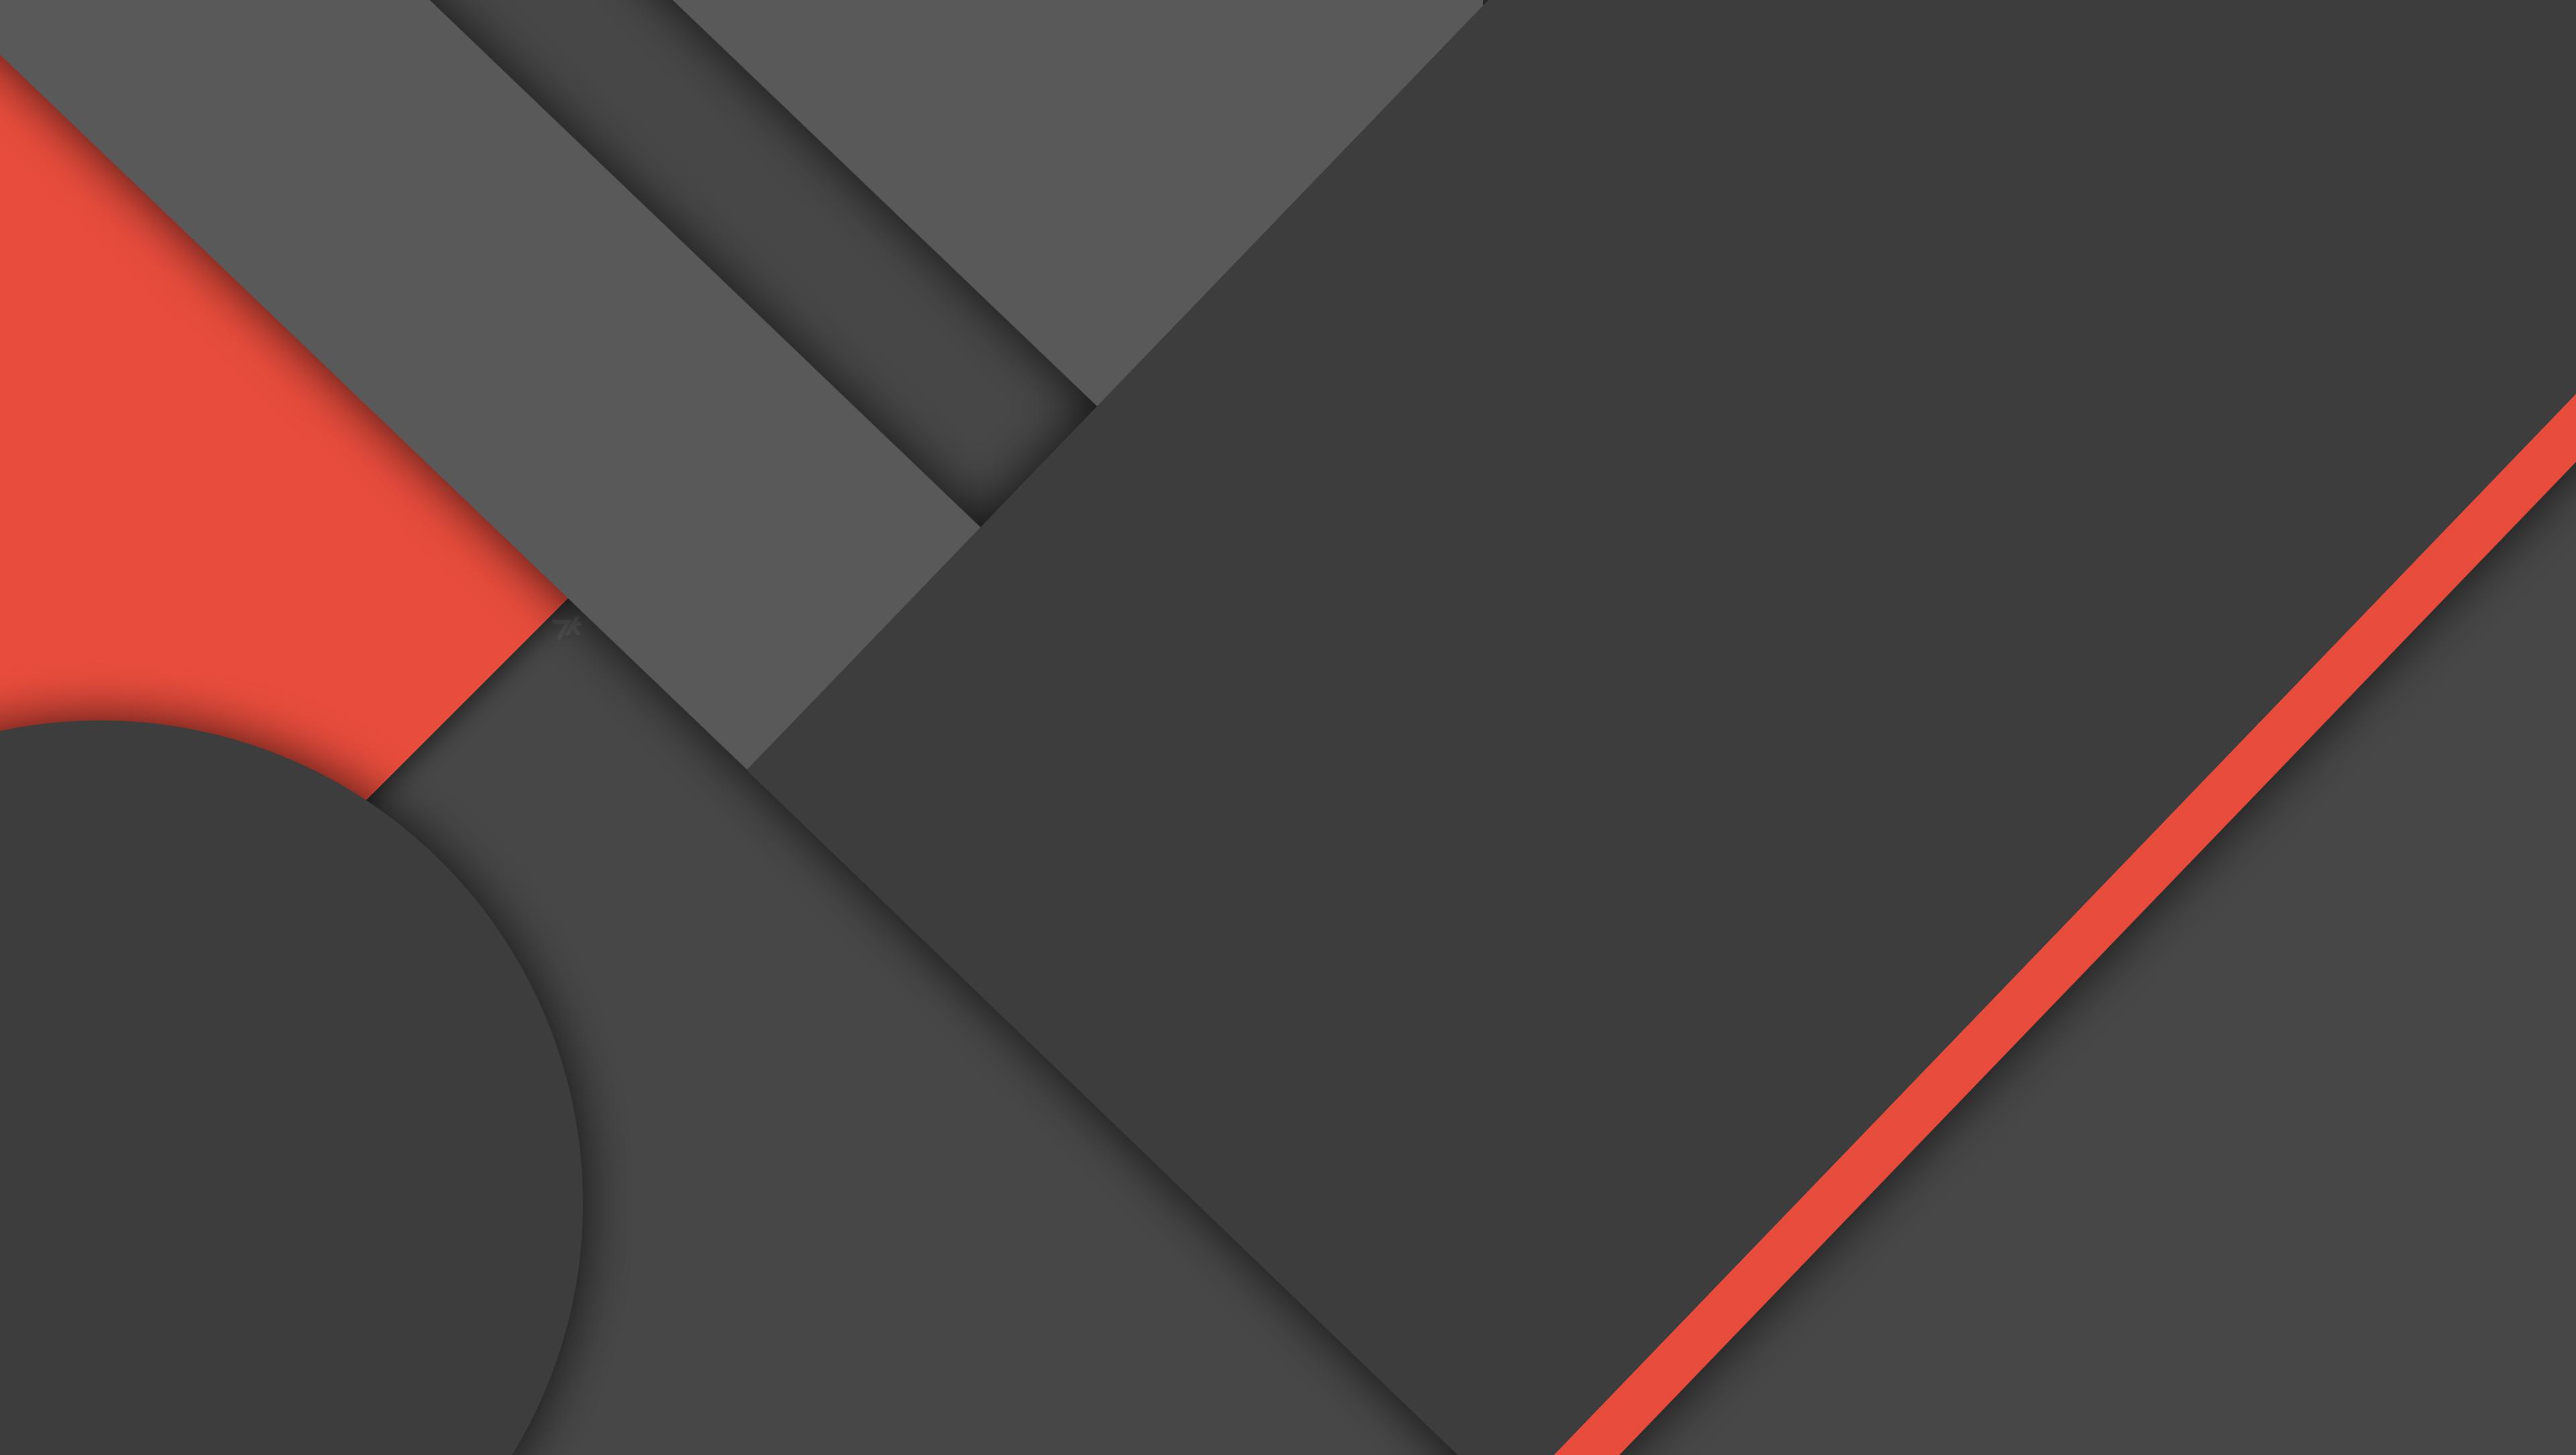 dark material design wallpaper 4k by dakoder customization wallpaper 3840x2169